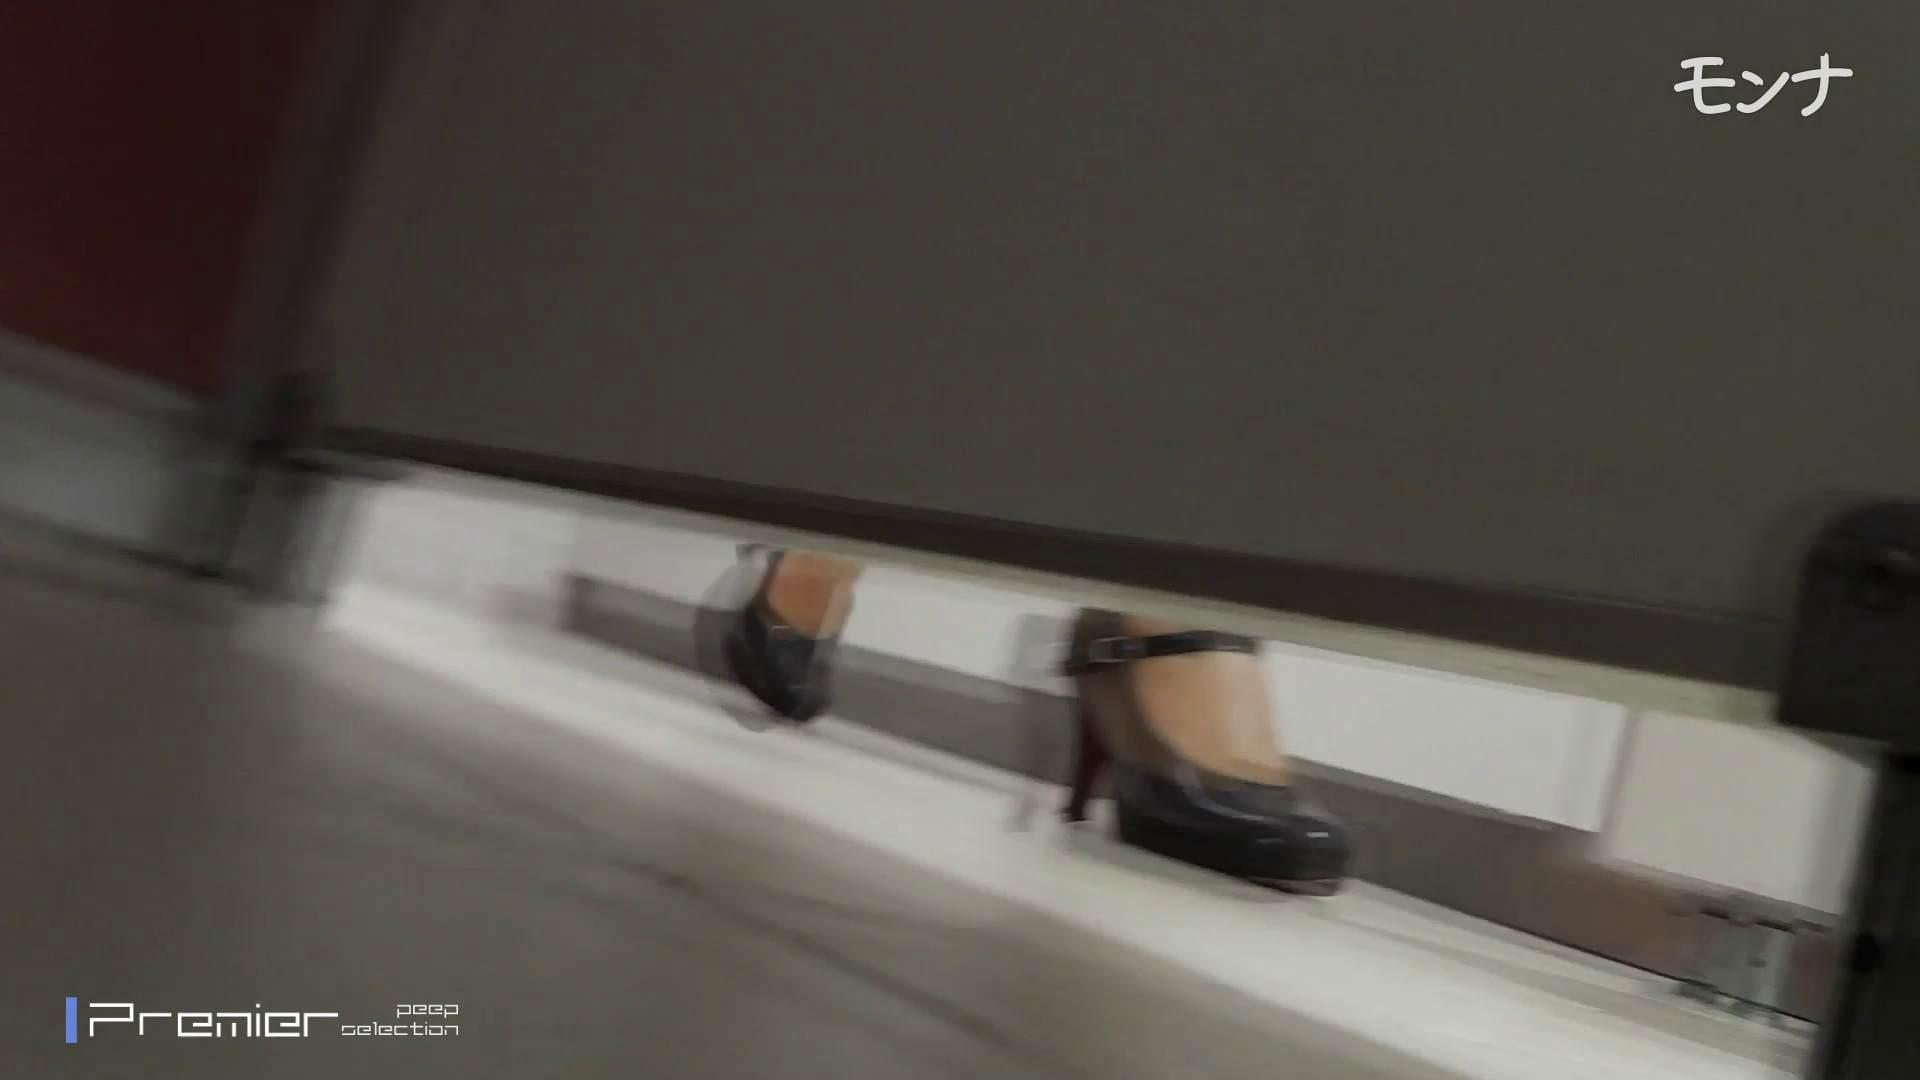 美しい日本の未来 No.55 普通の子たちの日常調長身あり 丸見え セックス無修正動画無料 68画像 56